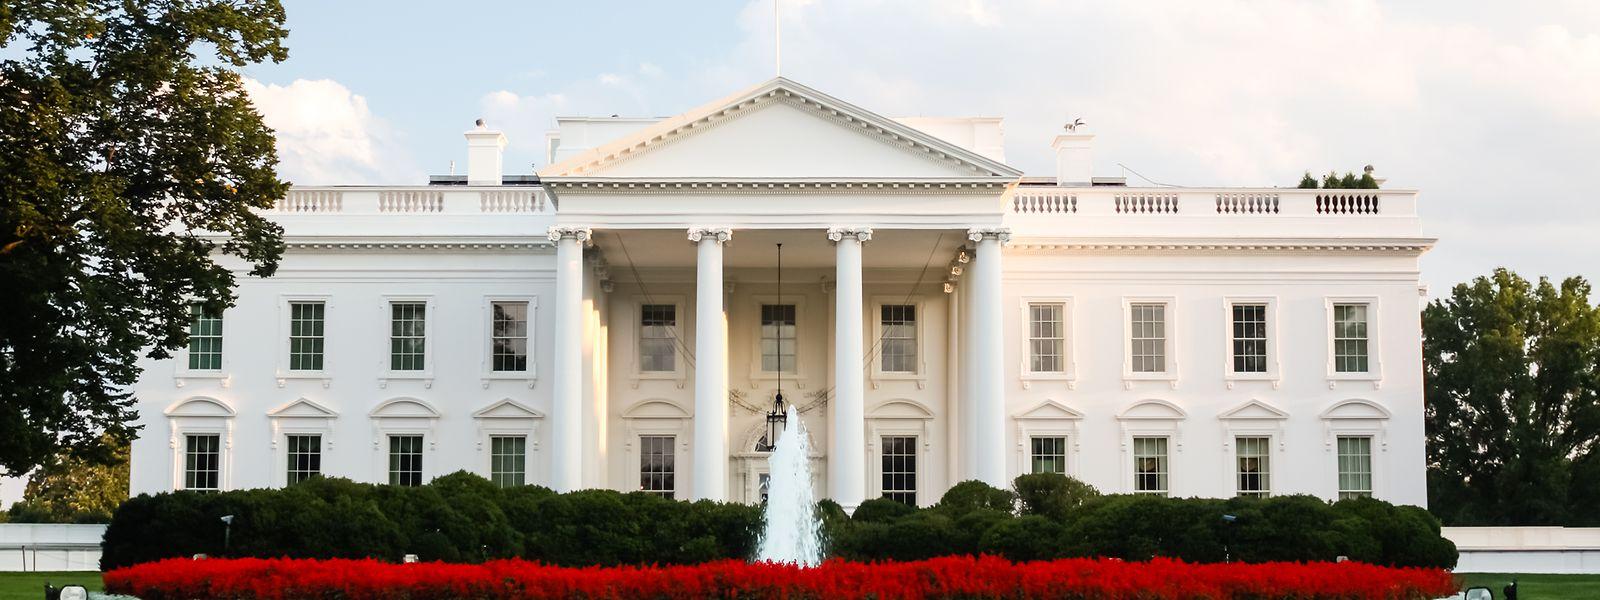 Das Rennen um den Einzug ins Weiße Haus hat begonnen.